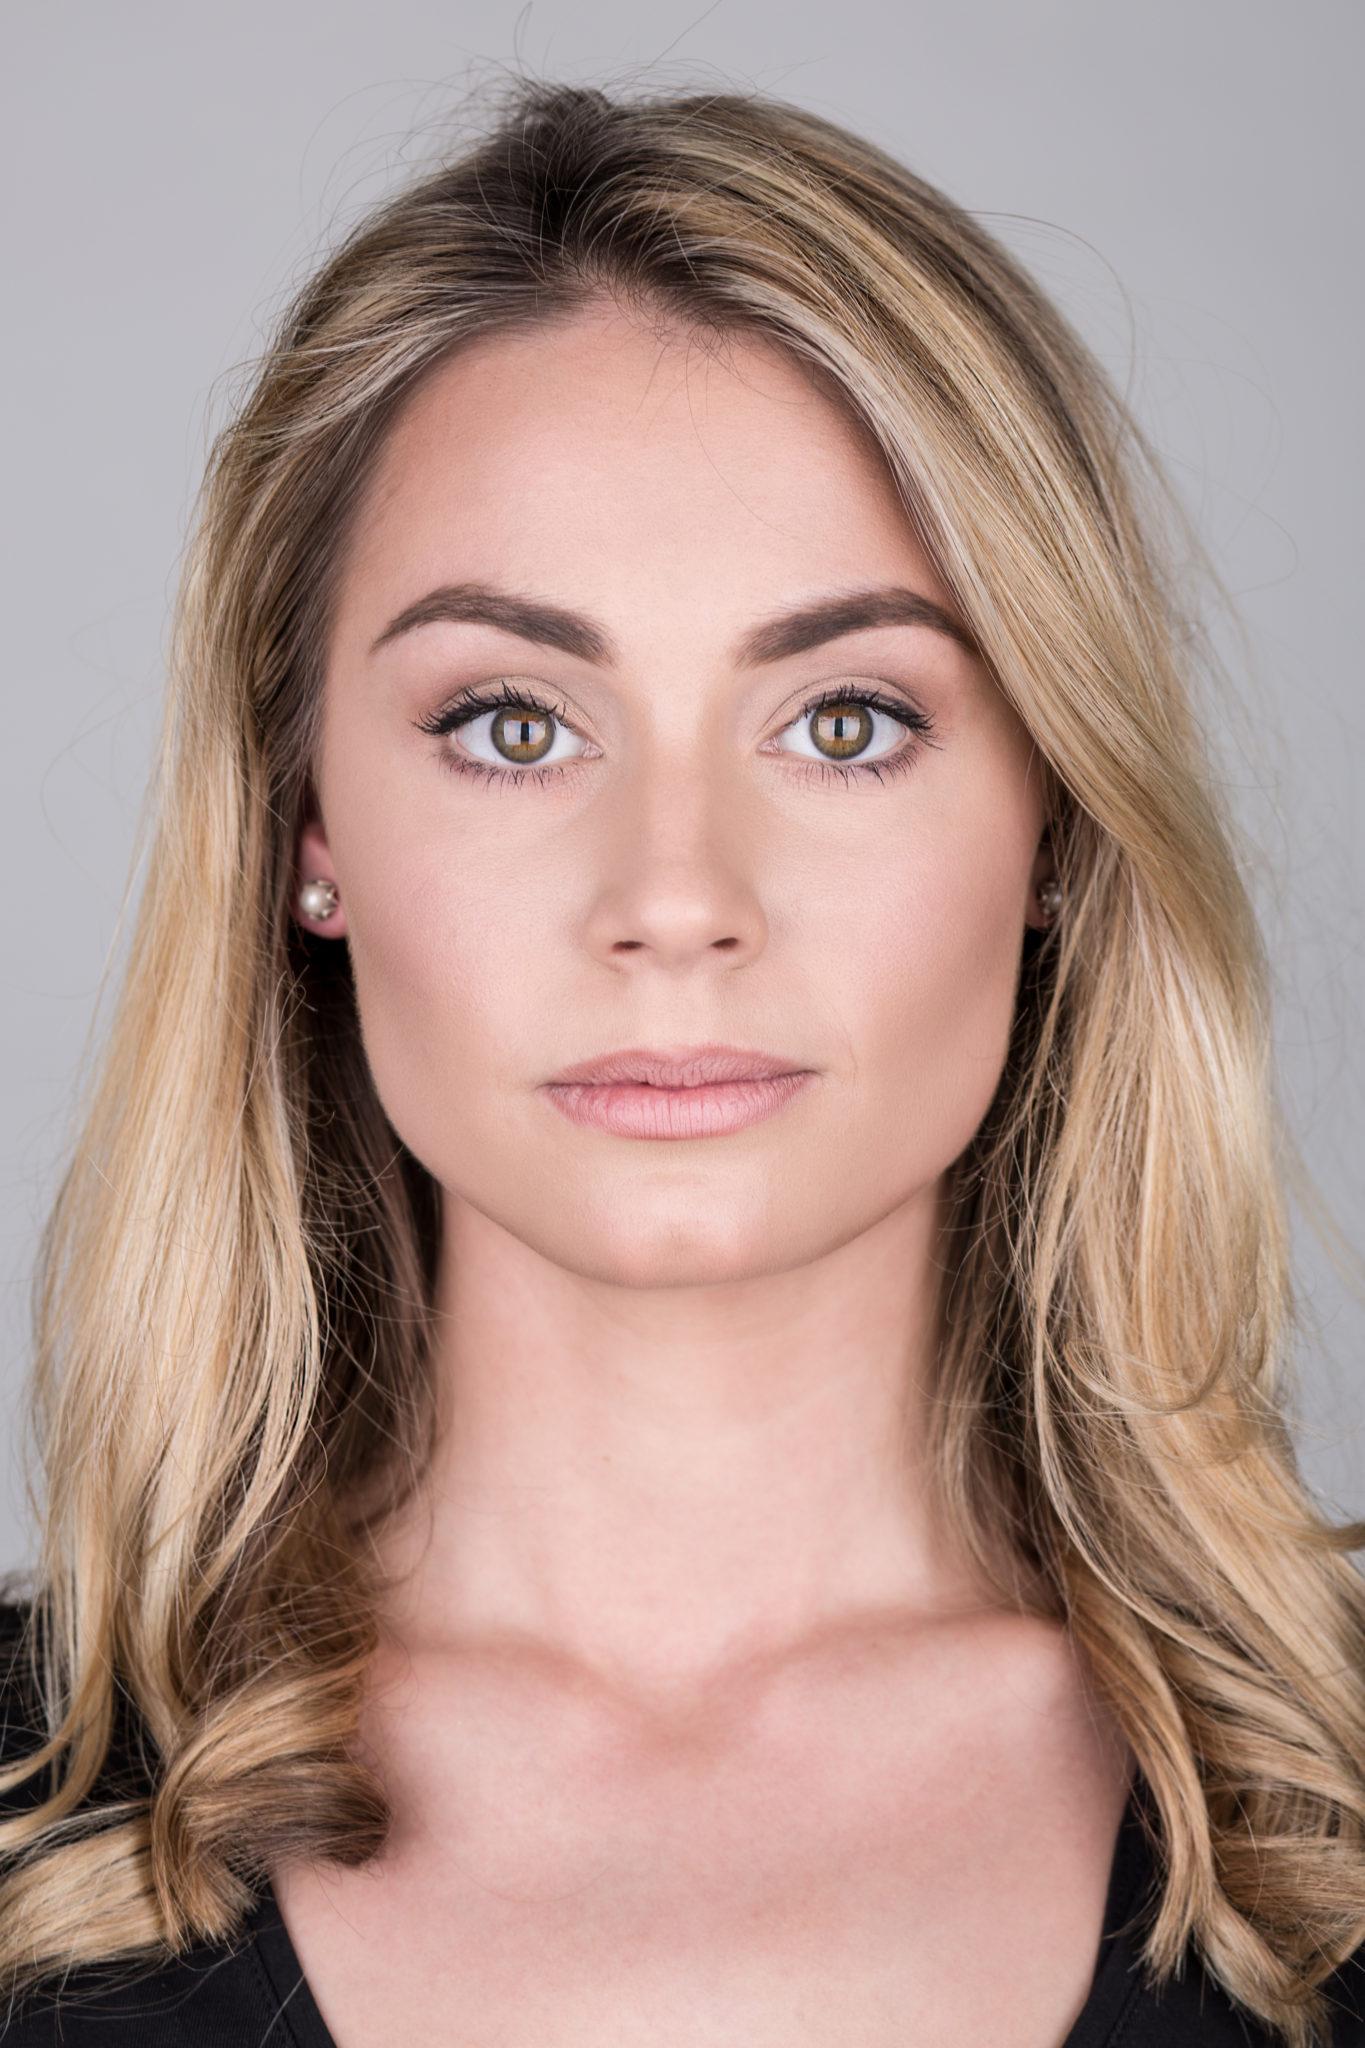 Rhiannon Bailey